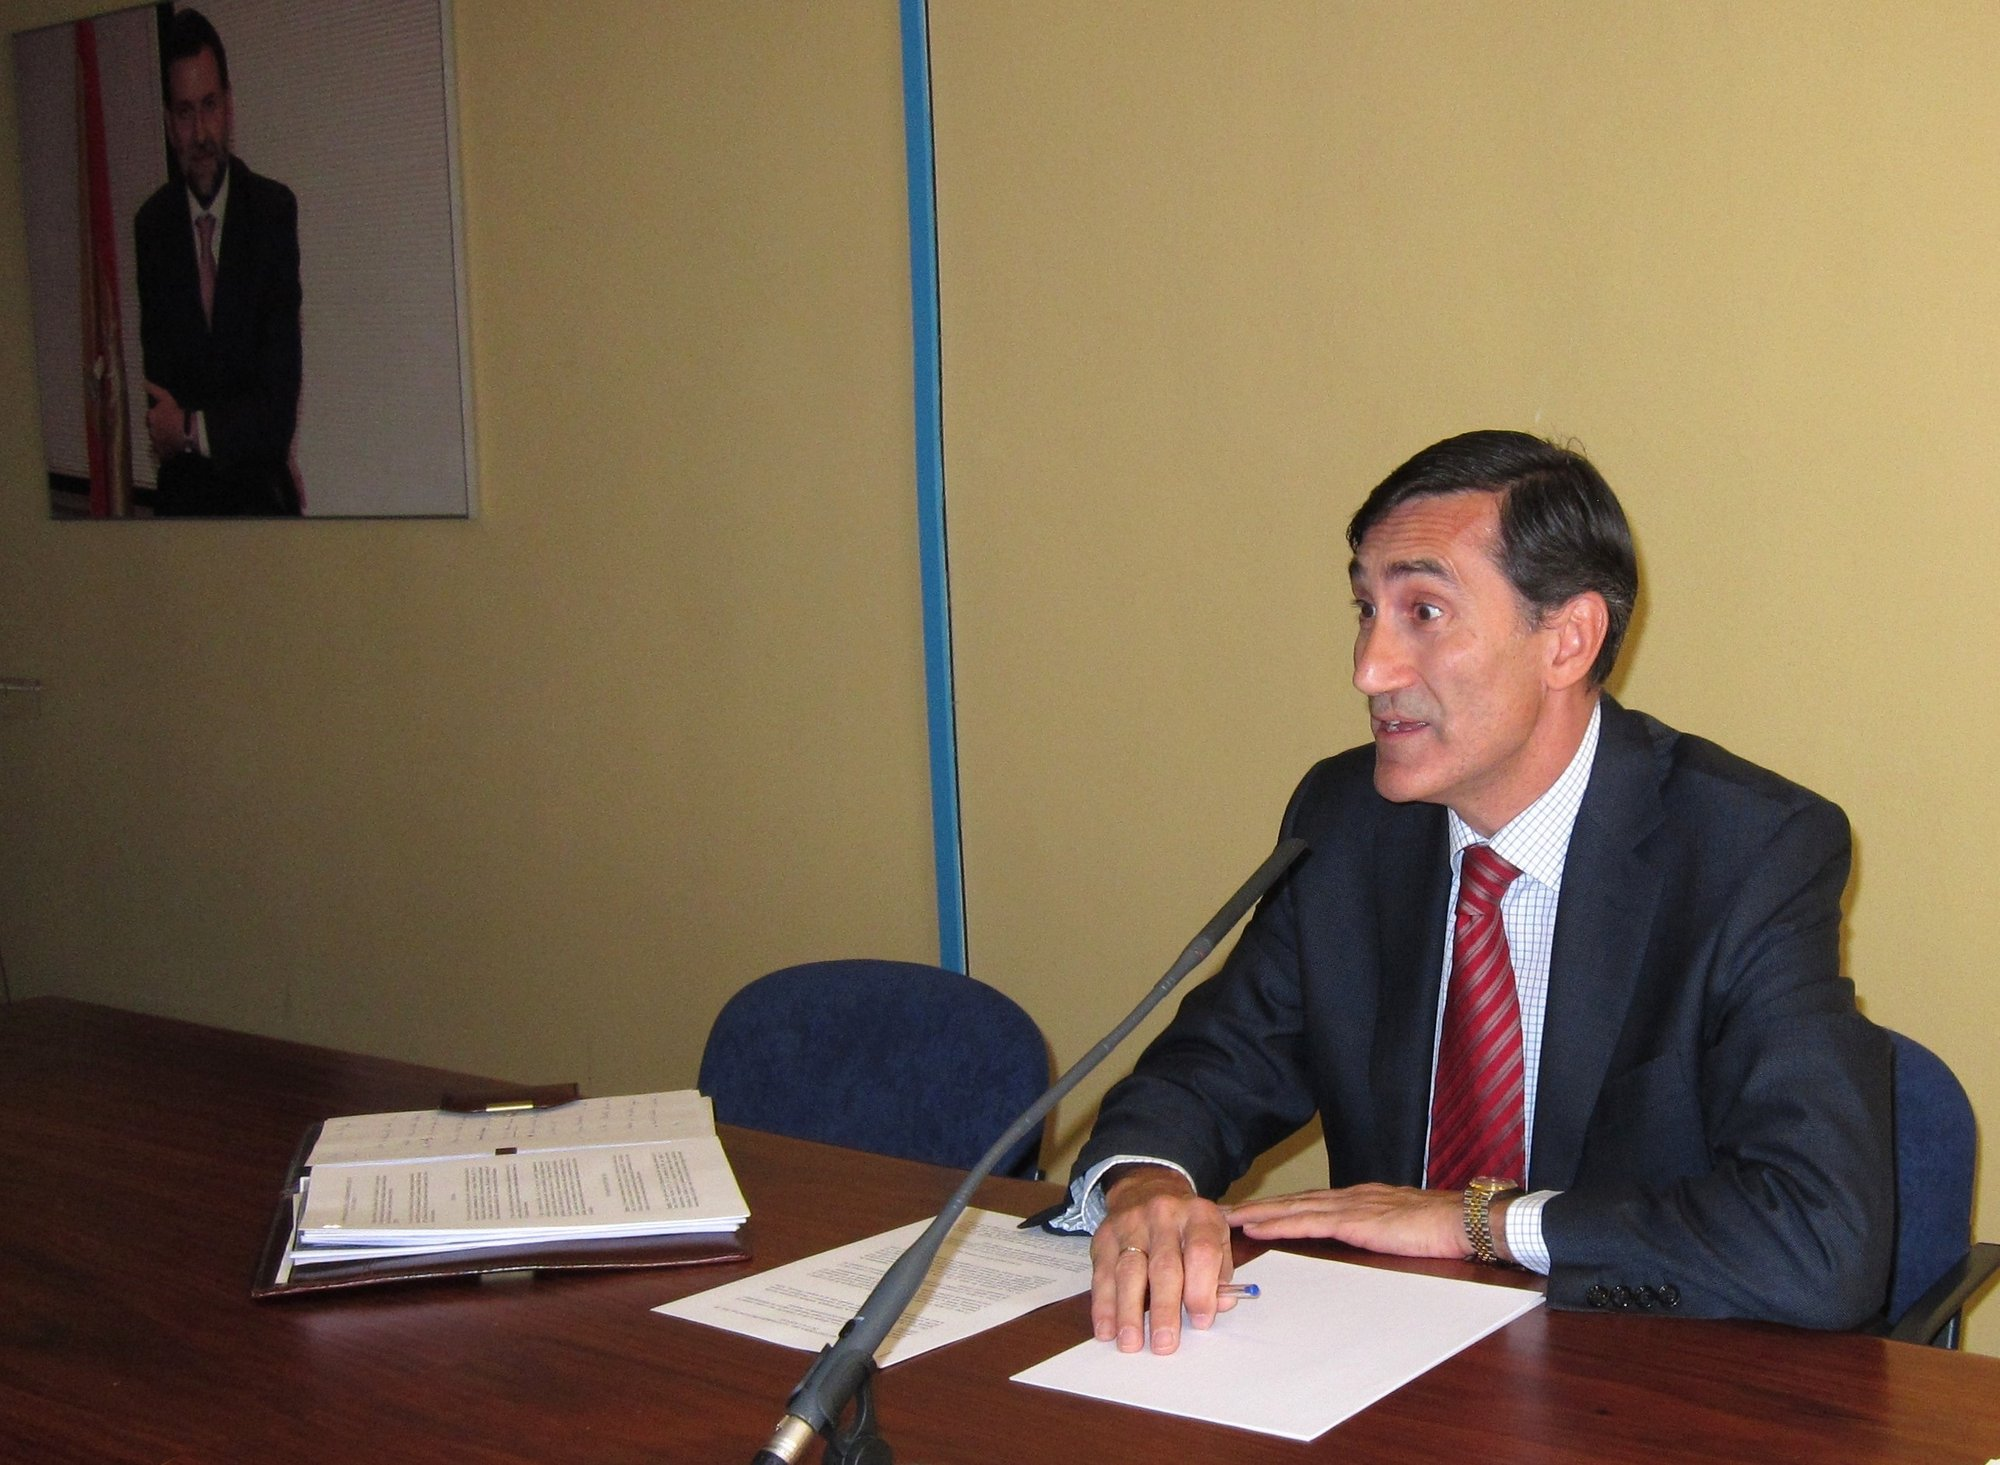 De los Mozos recurre la exclusión de su candidatura al PP de Valladolid y lamenta que el partido sea «hermético»